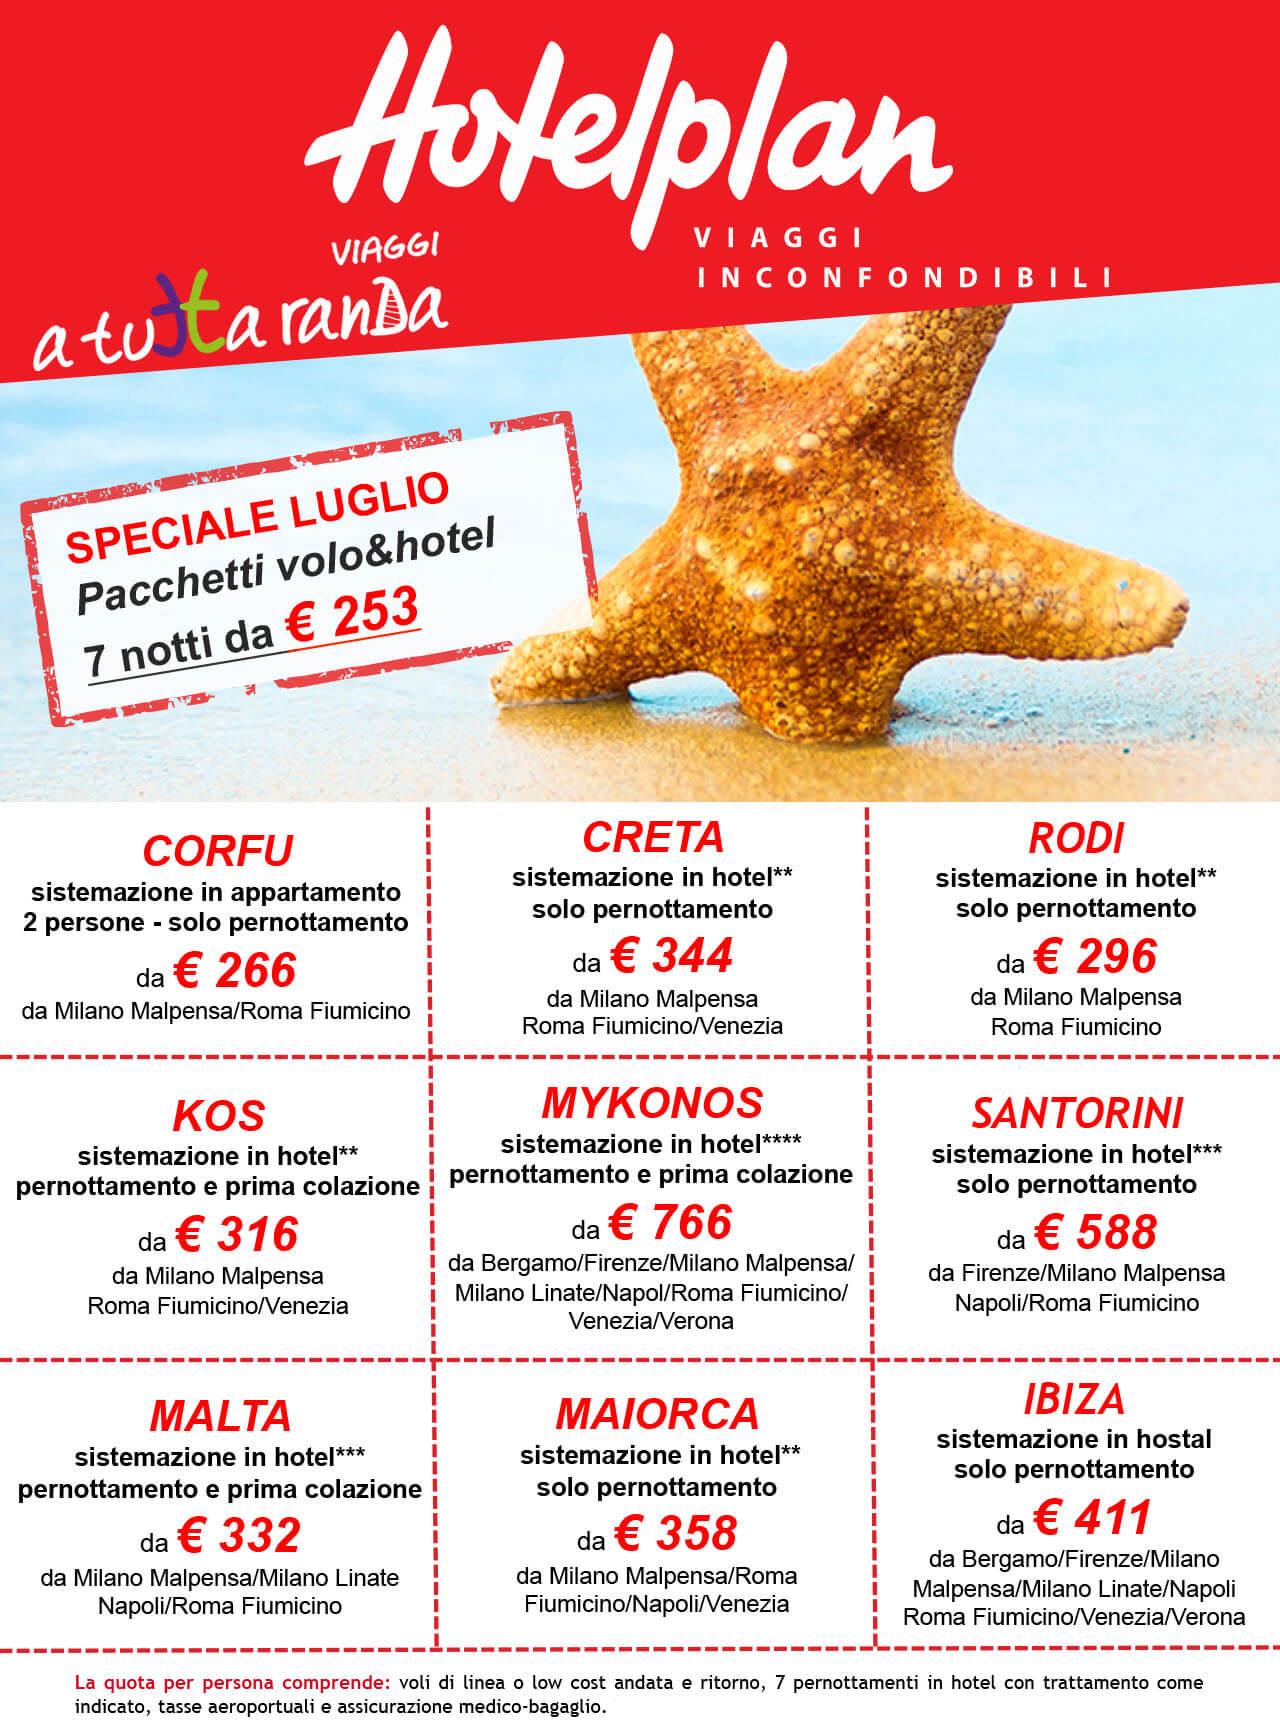 Speciale Mediterraneo